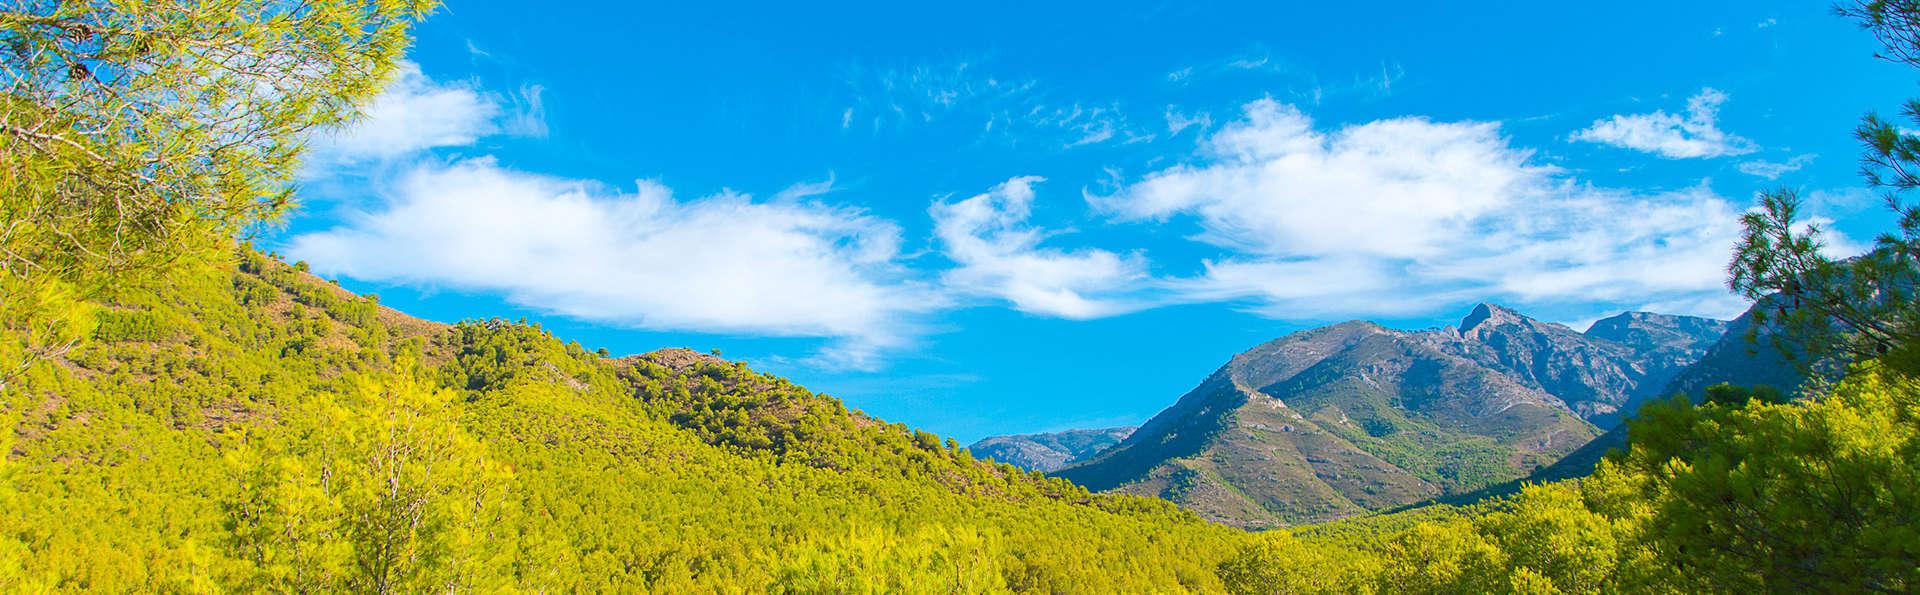 Escapada 3x2 entre las Sierras de Almijara y Alhama de Málaga (Desde 3 noches)